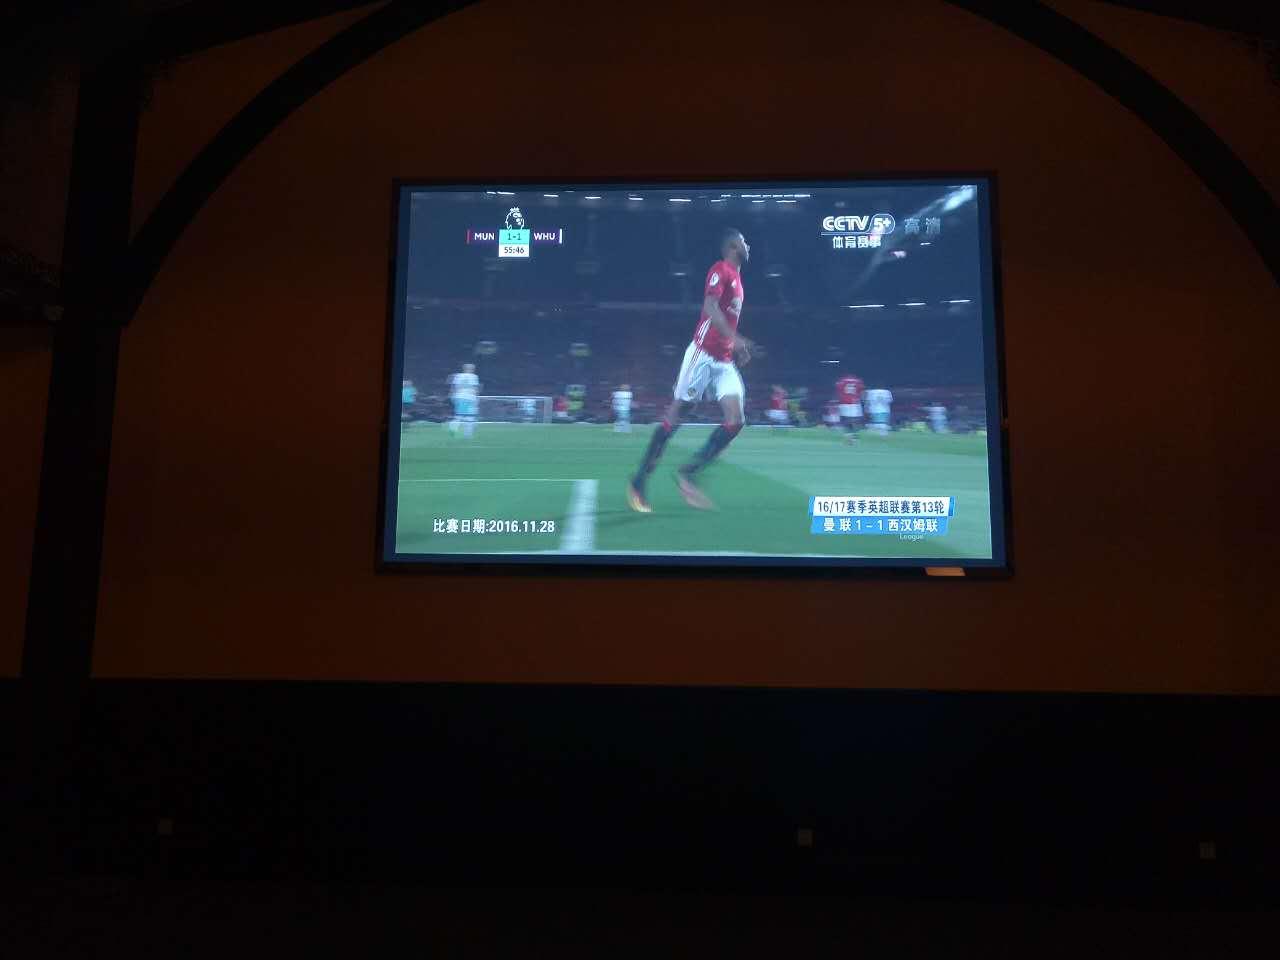 北京普兰达酒庄室内P3全彩LED显示屏15㎡